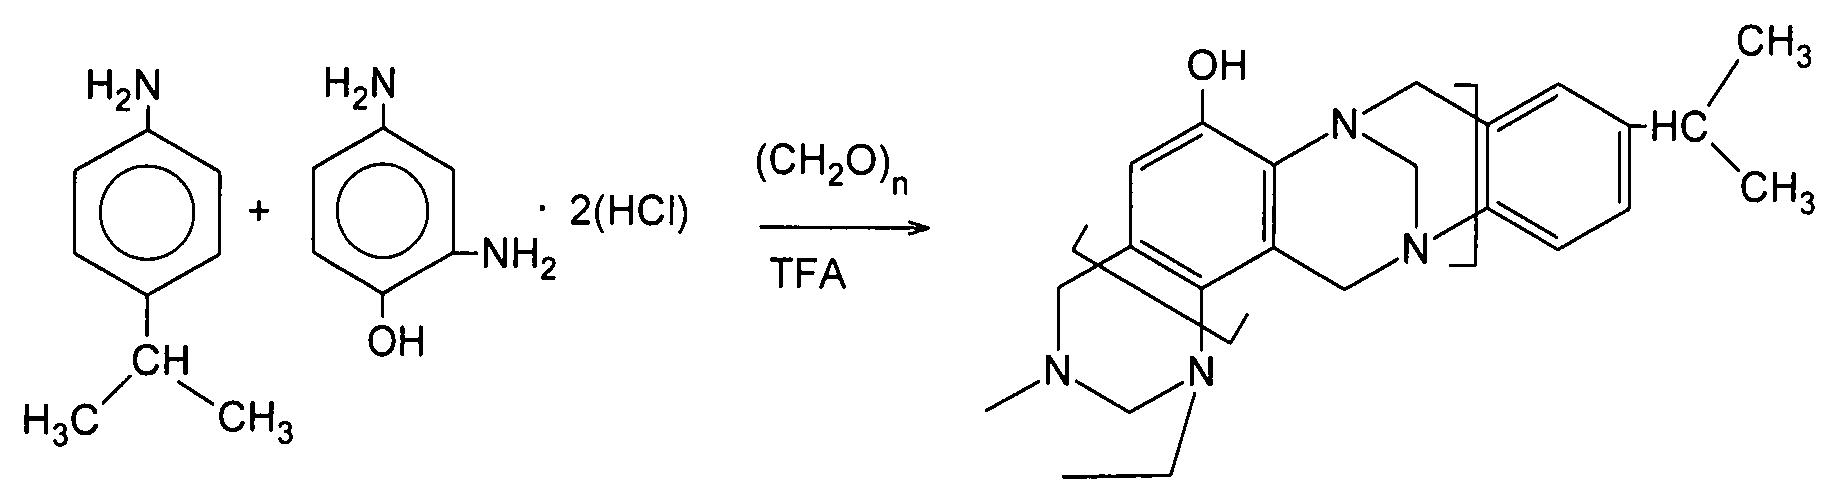 Figure DE112016005378T5_0049